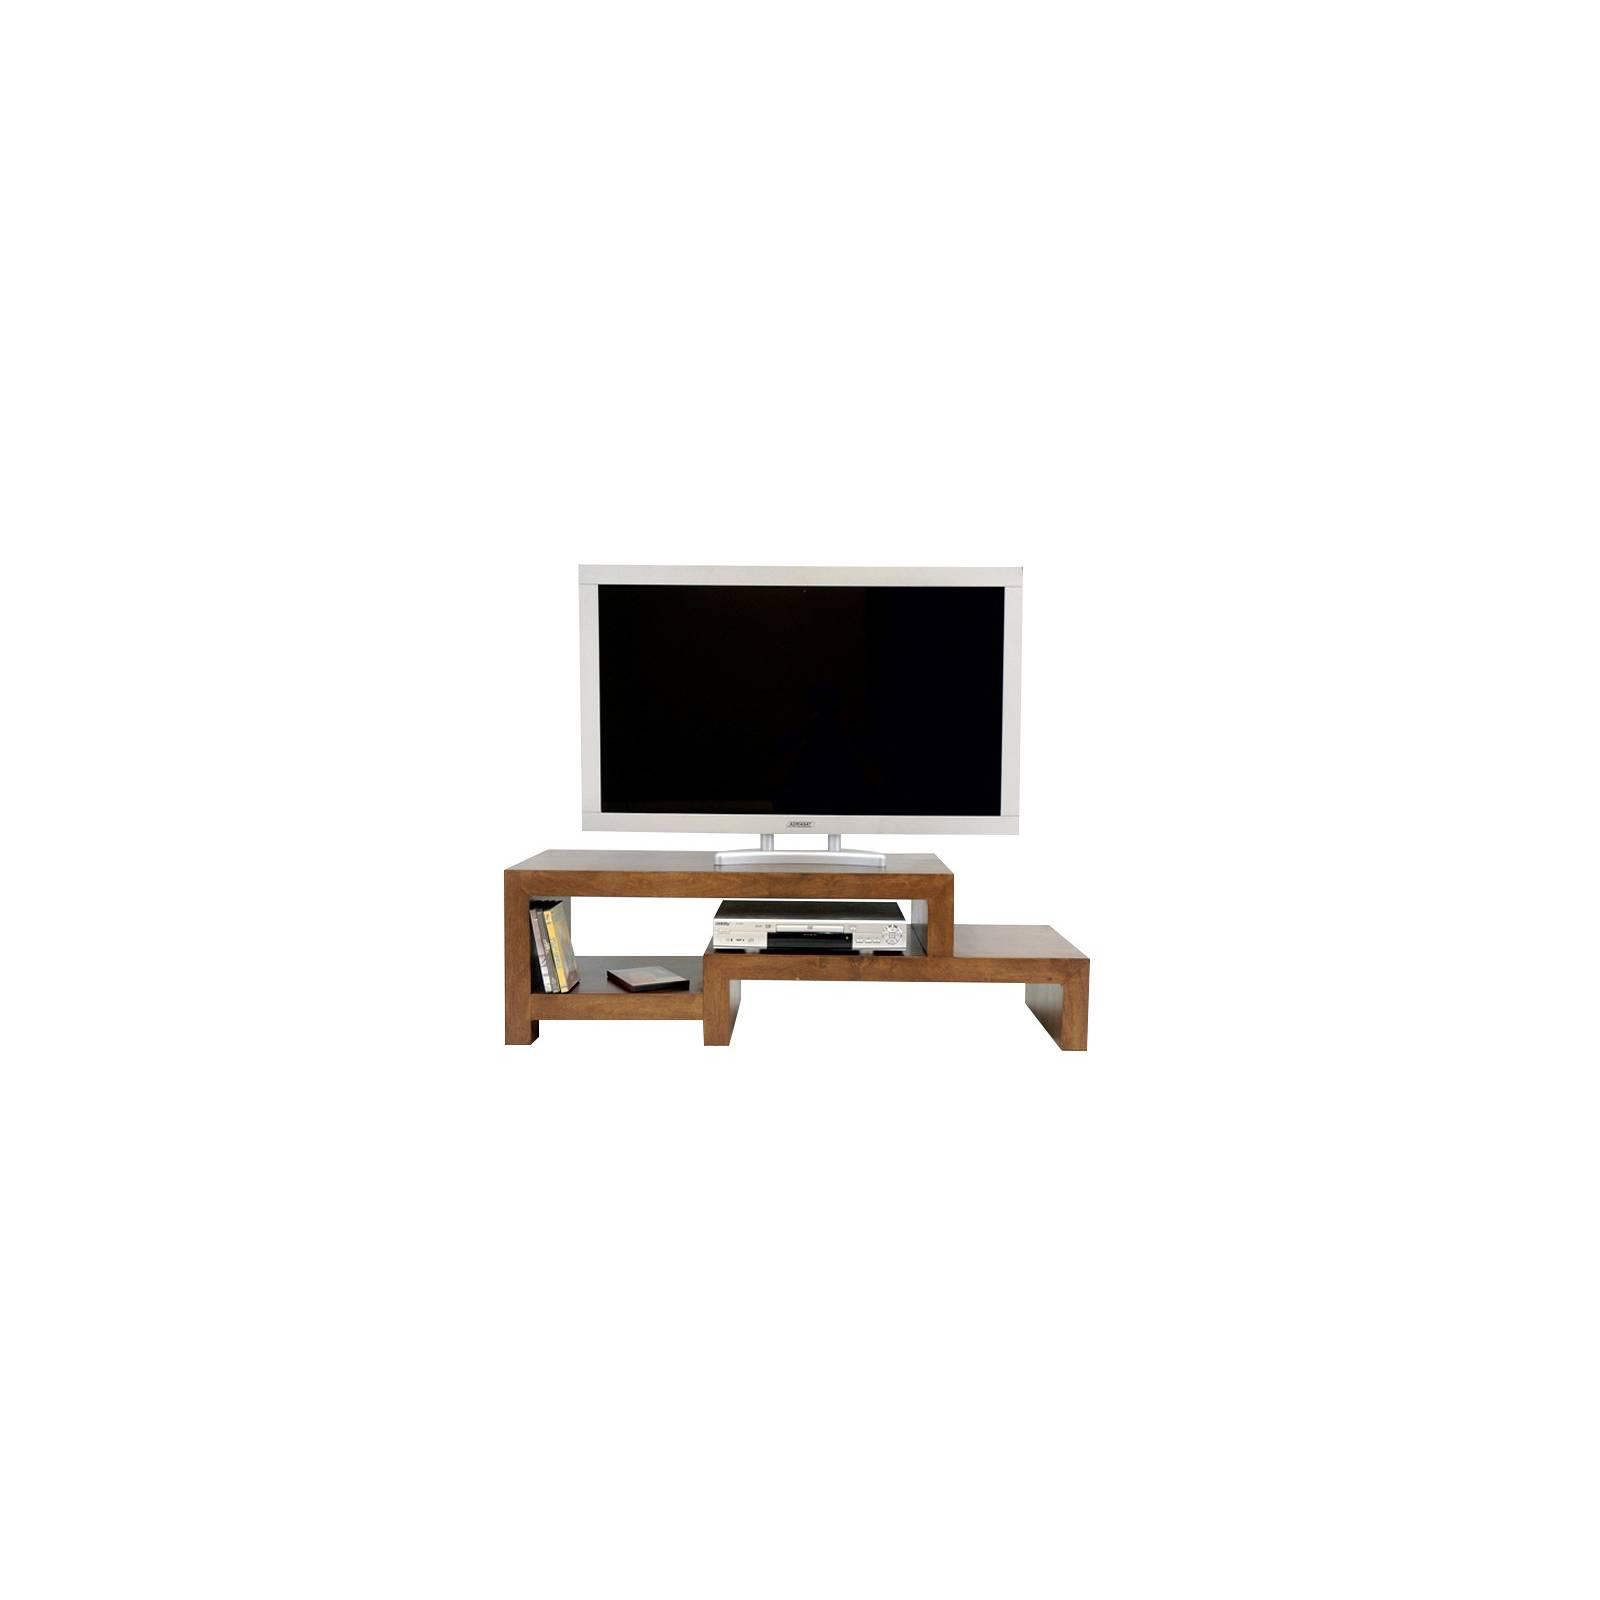 Meuble Tv Omega Hévéa - meuble style design